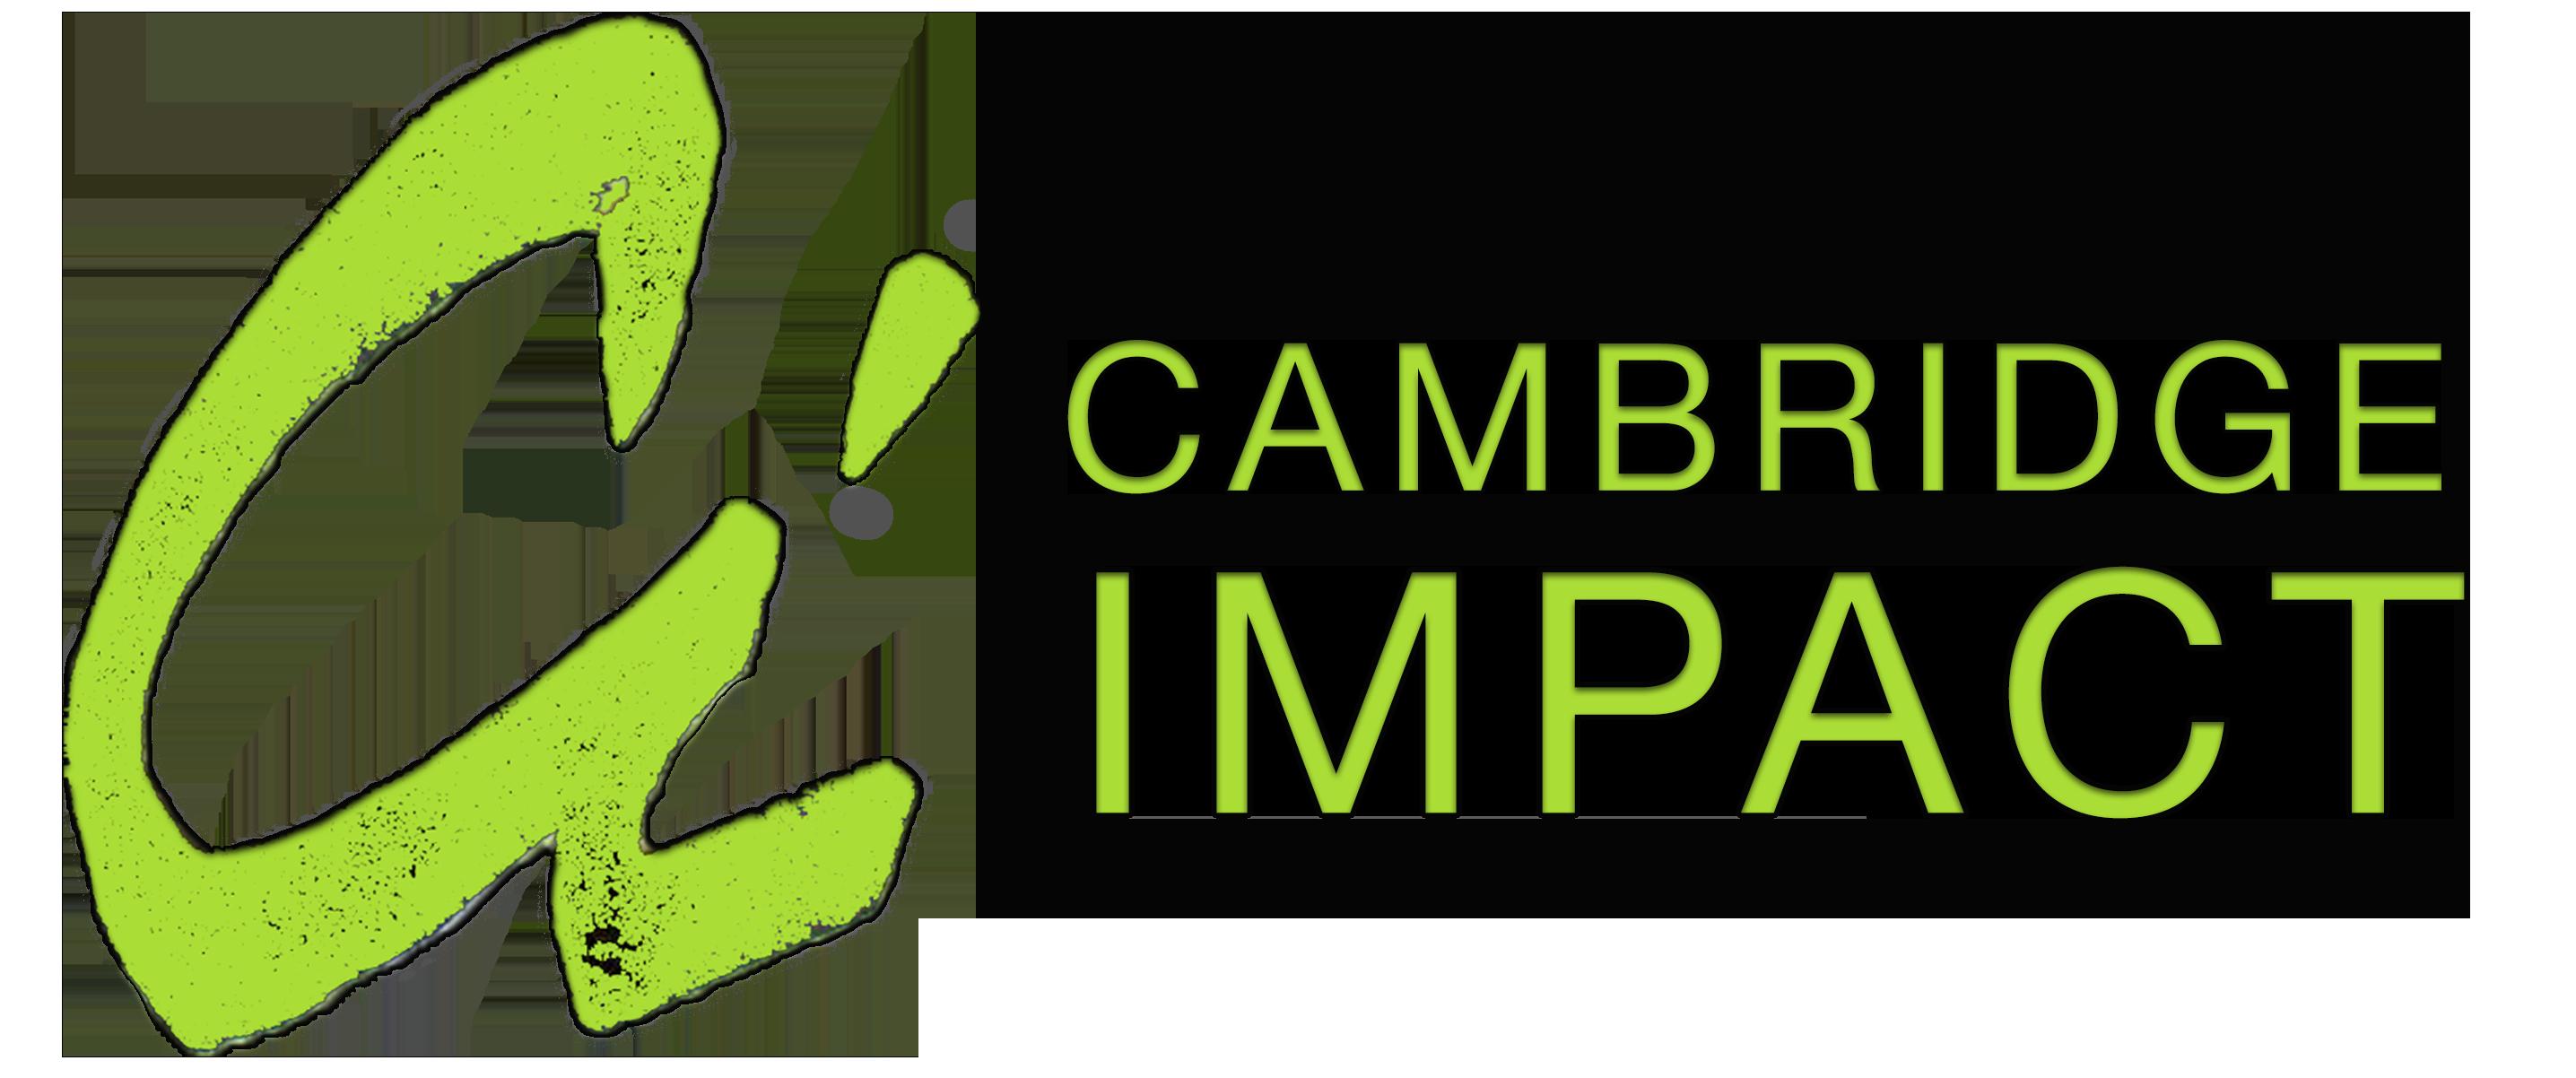 CAMBRIDGE IMPACT